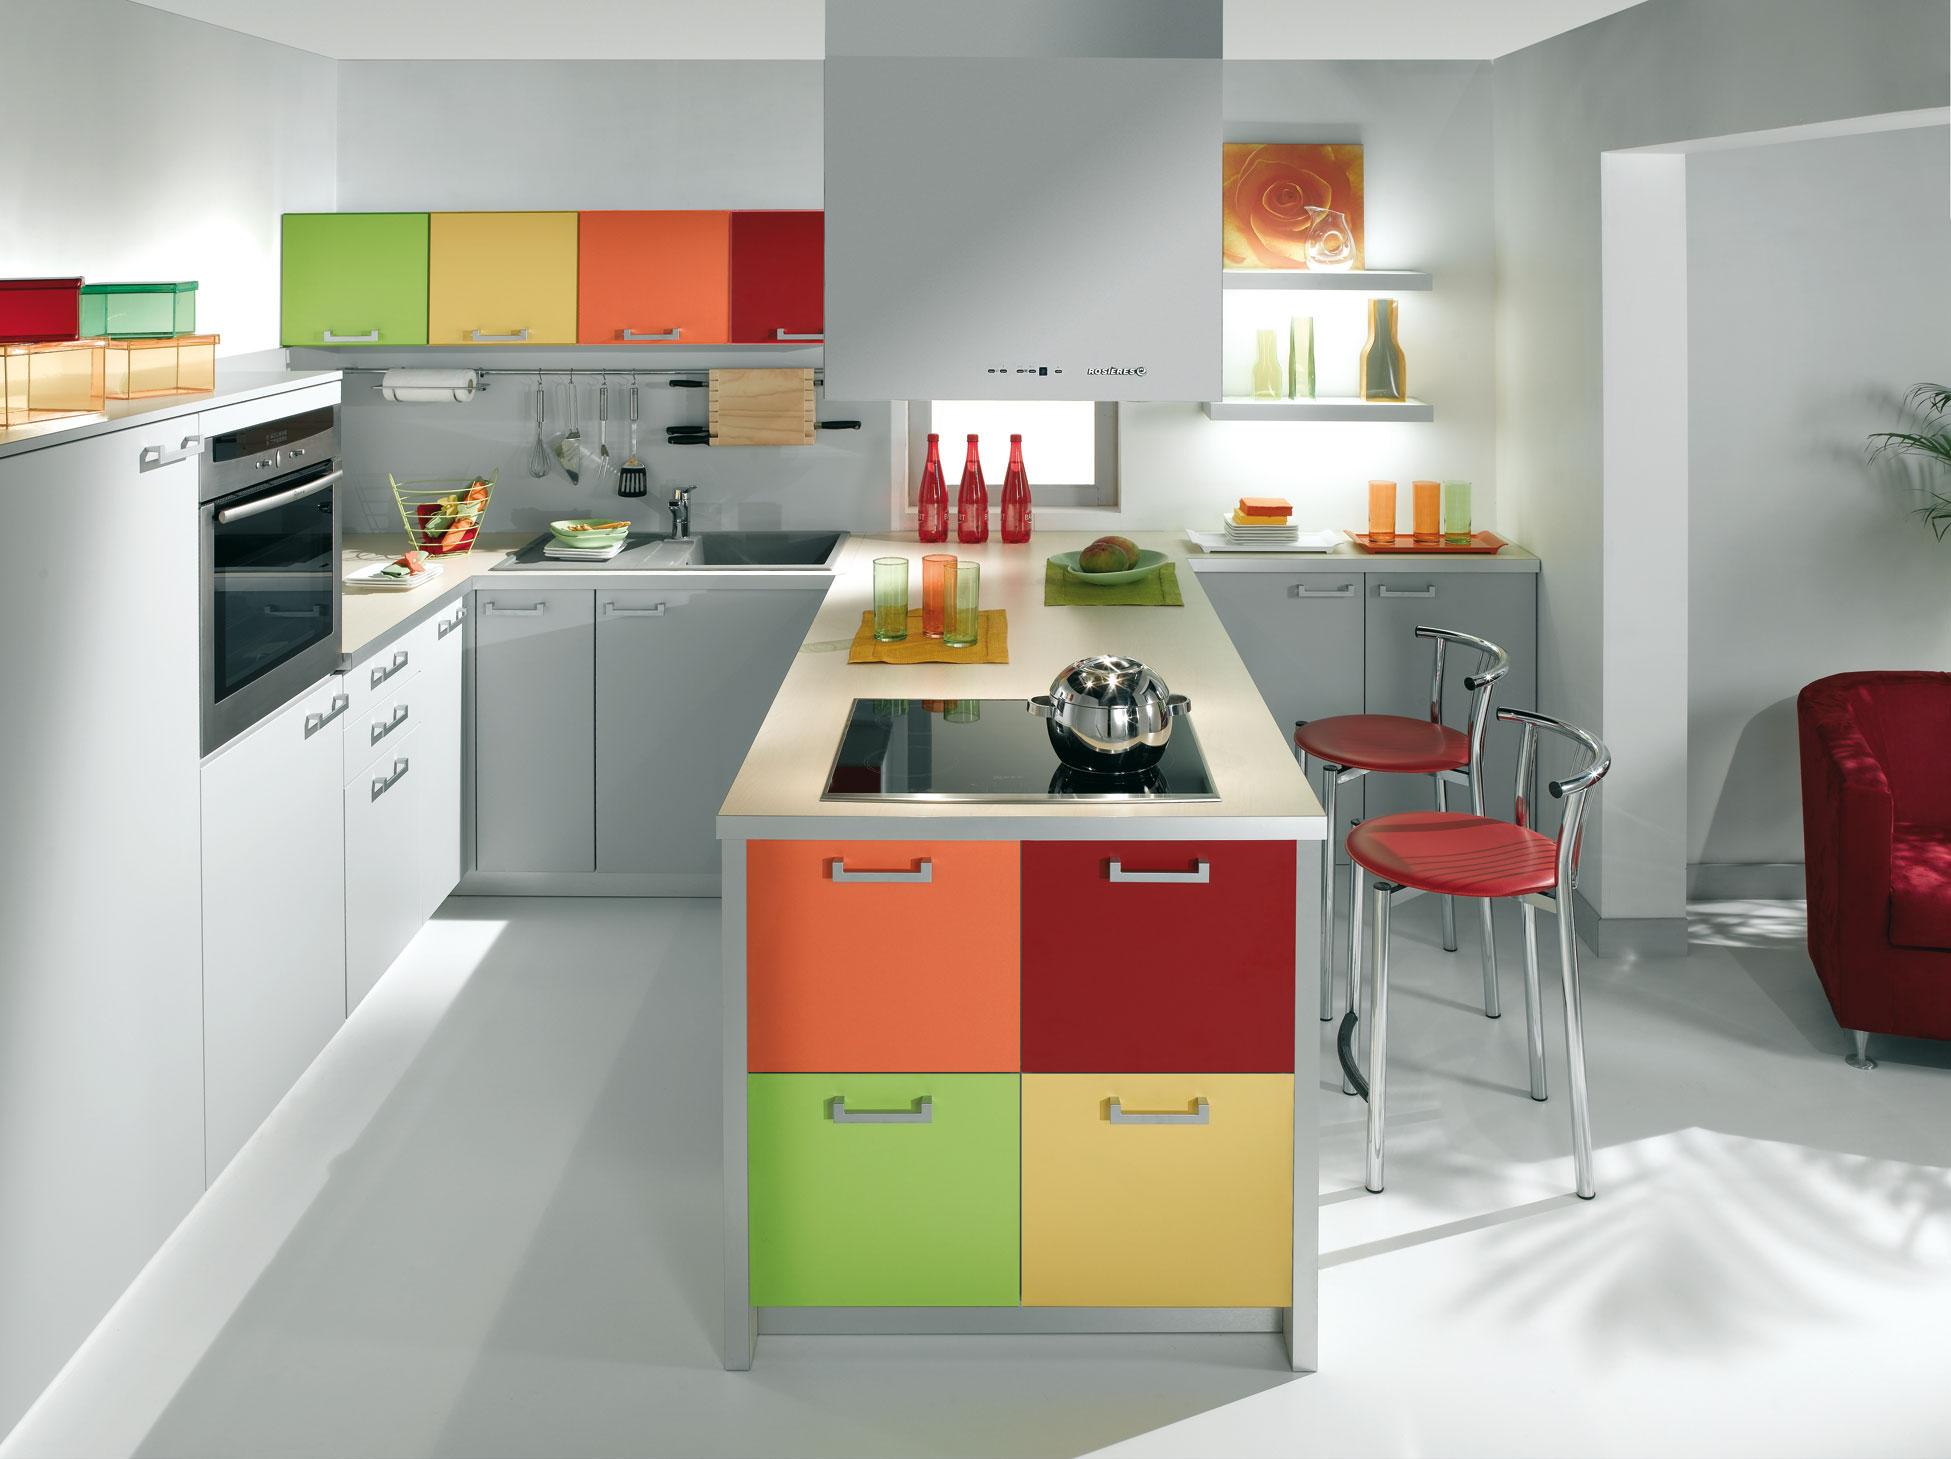 Osez les couleurs dans votre cuisine for Decoracion interiores cocina